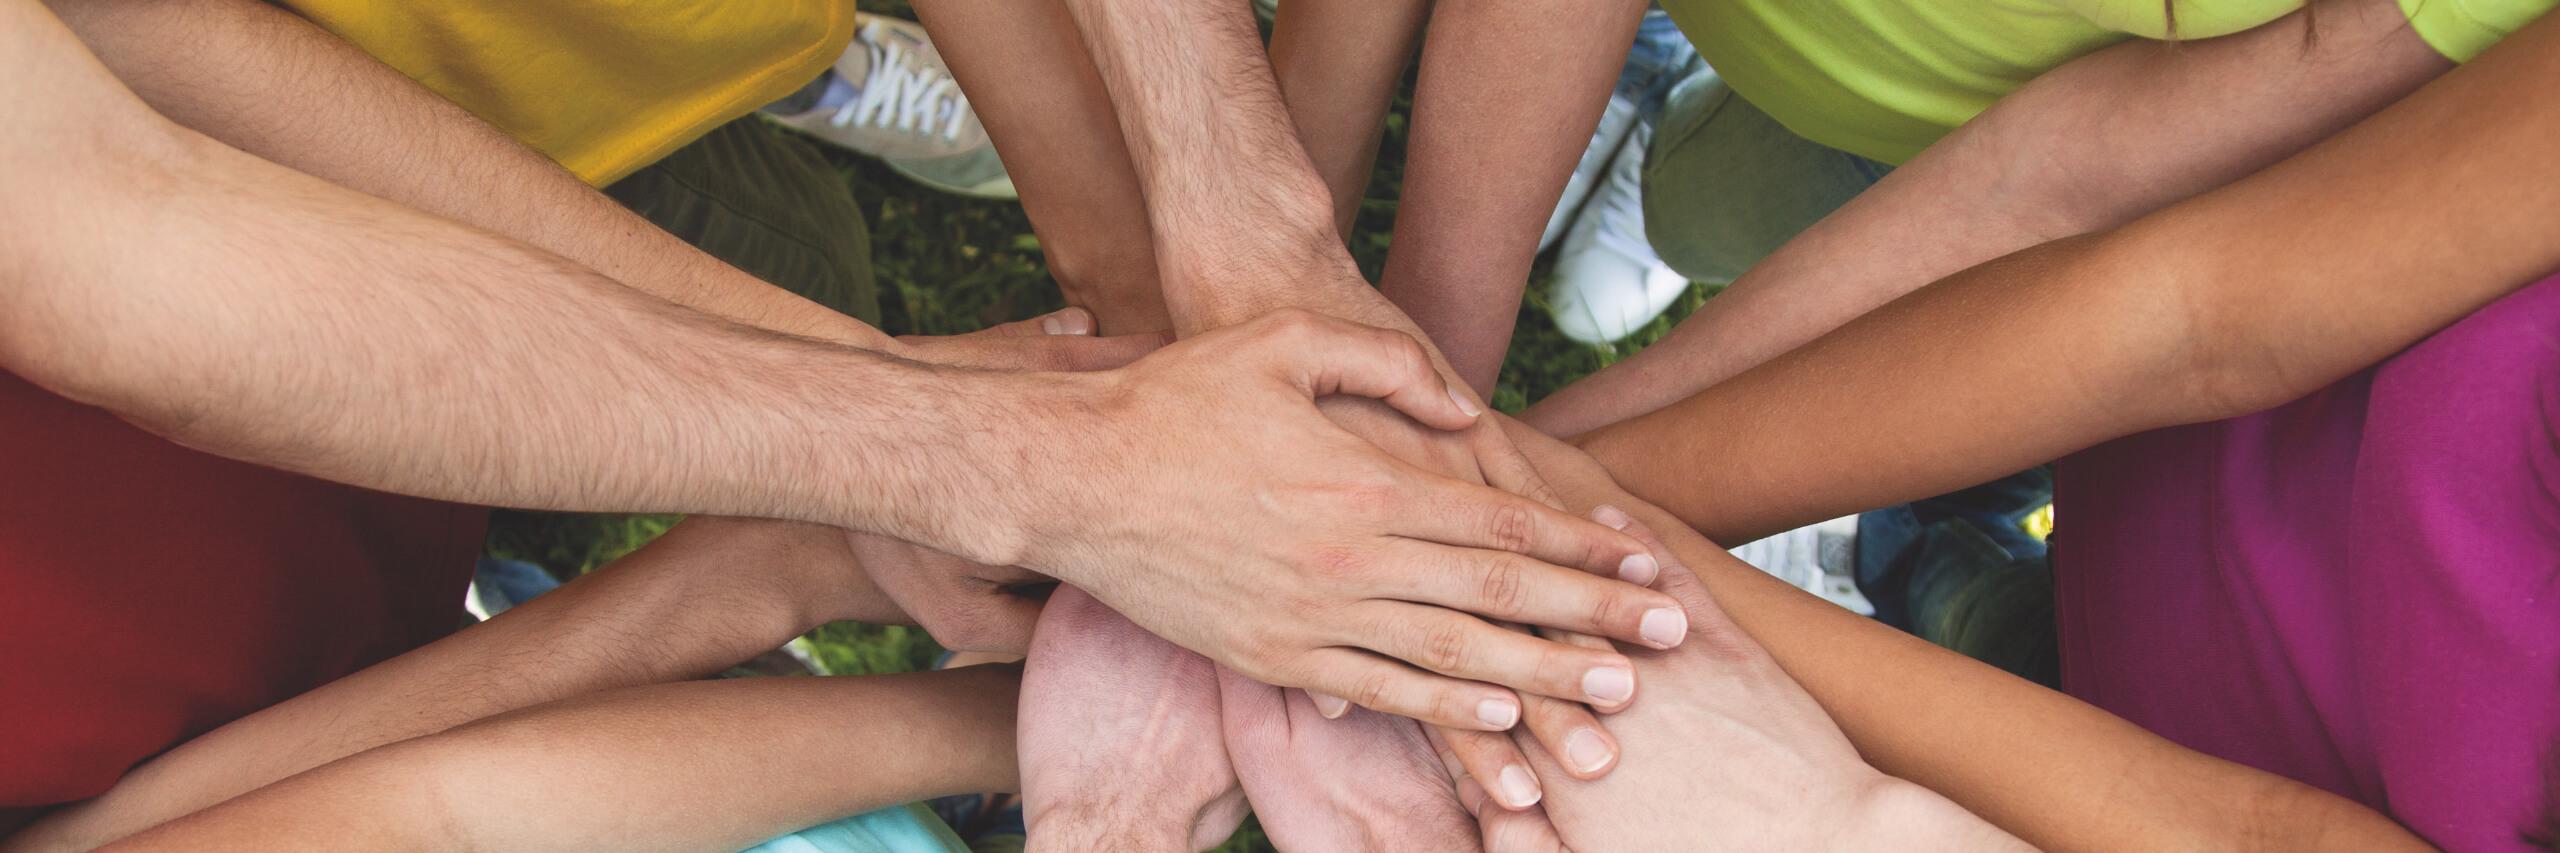 Unsere Werte: Soziale Verantwortung